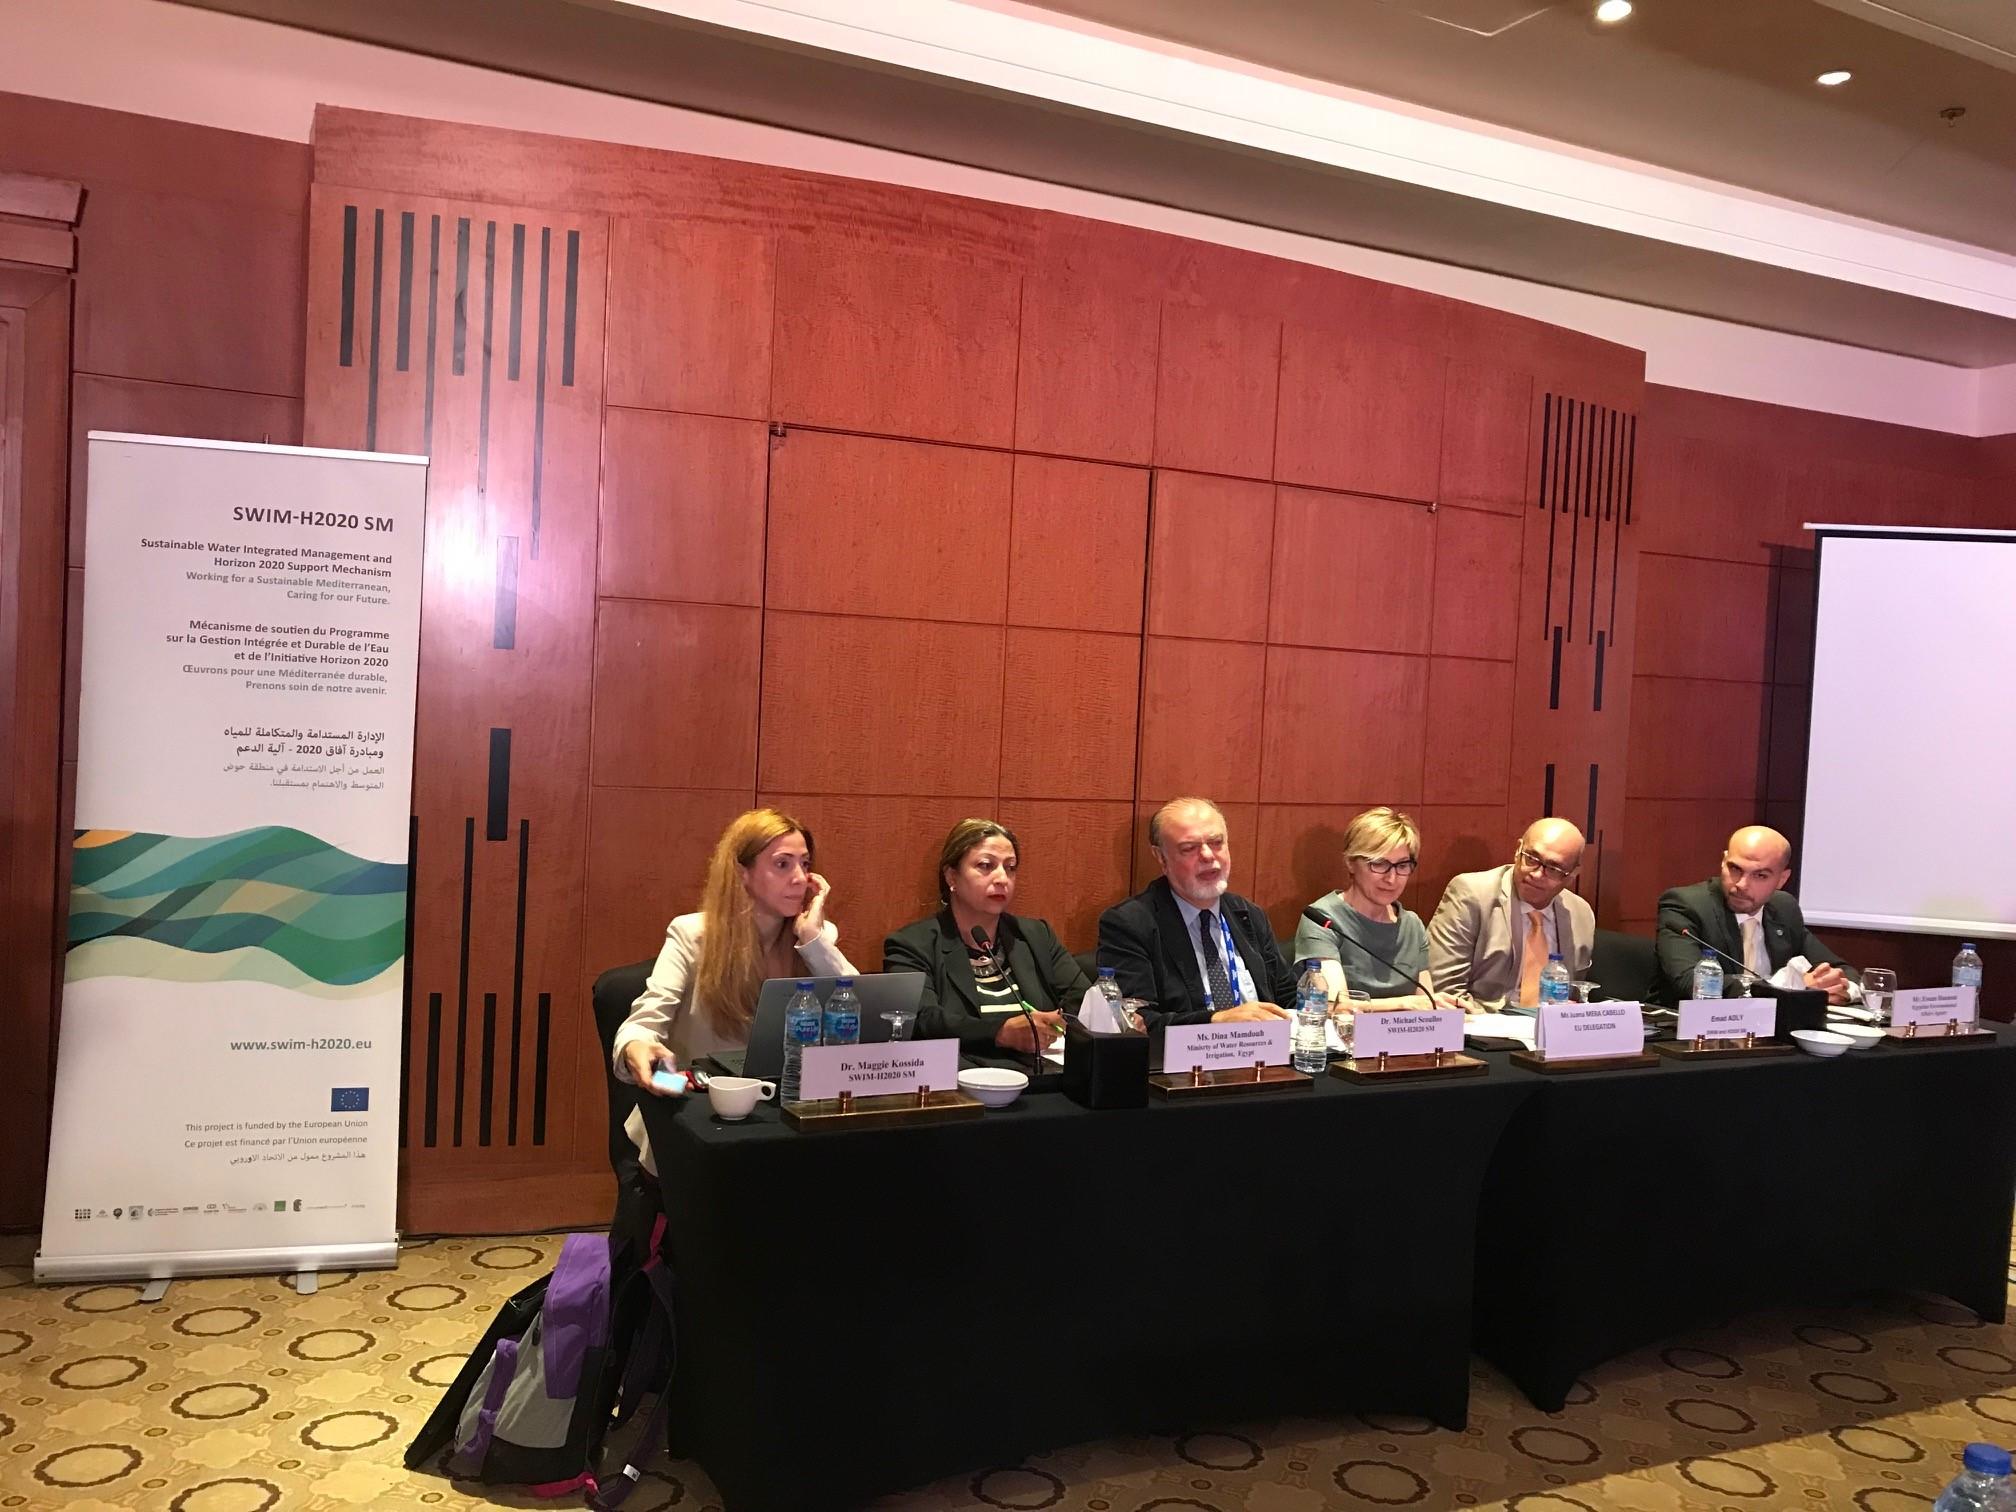 16 octobre 2018, Caire, Égypte – SWIM-H2020 SM Événement parallèle lors de la Semaine de l'eau au Caire : une réunion nationale pour l'Égypte